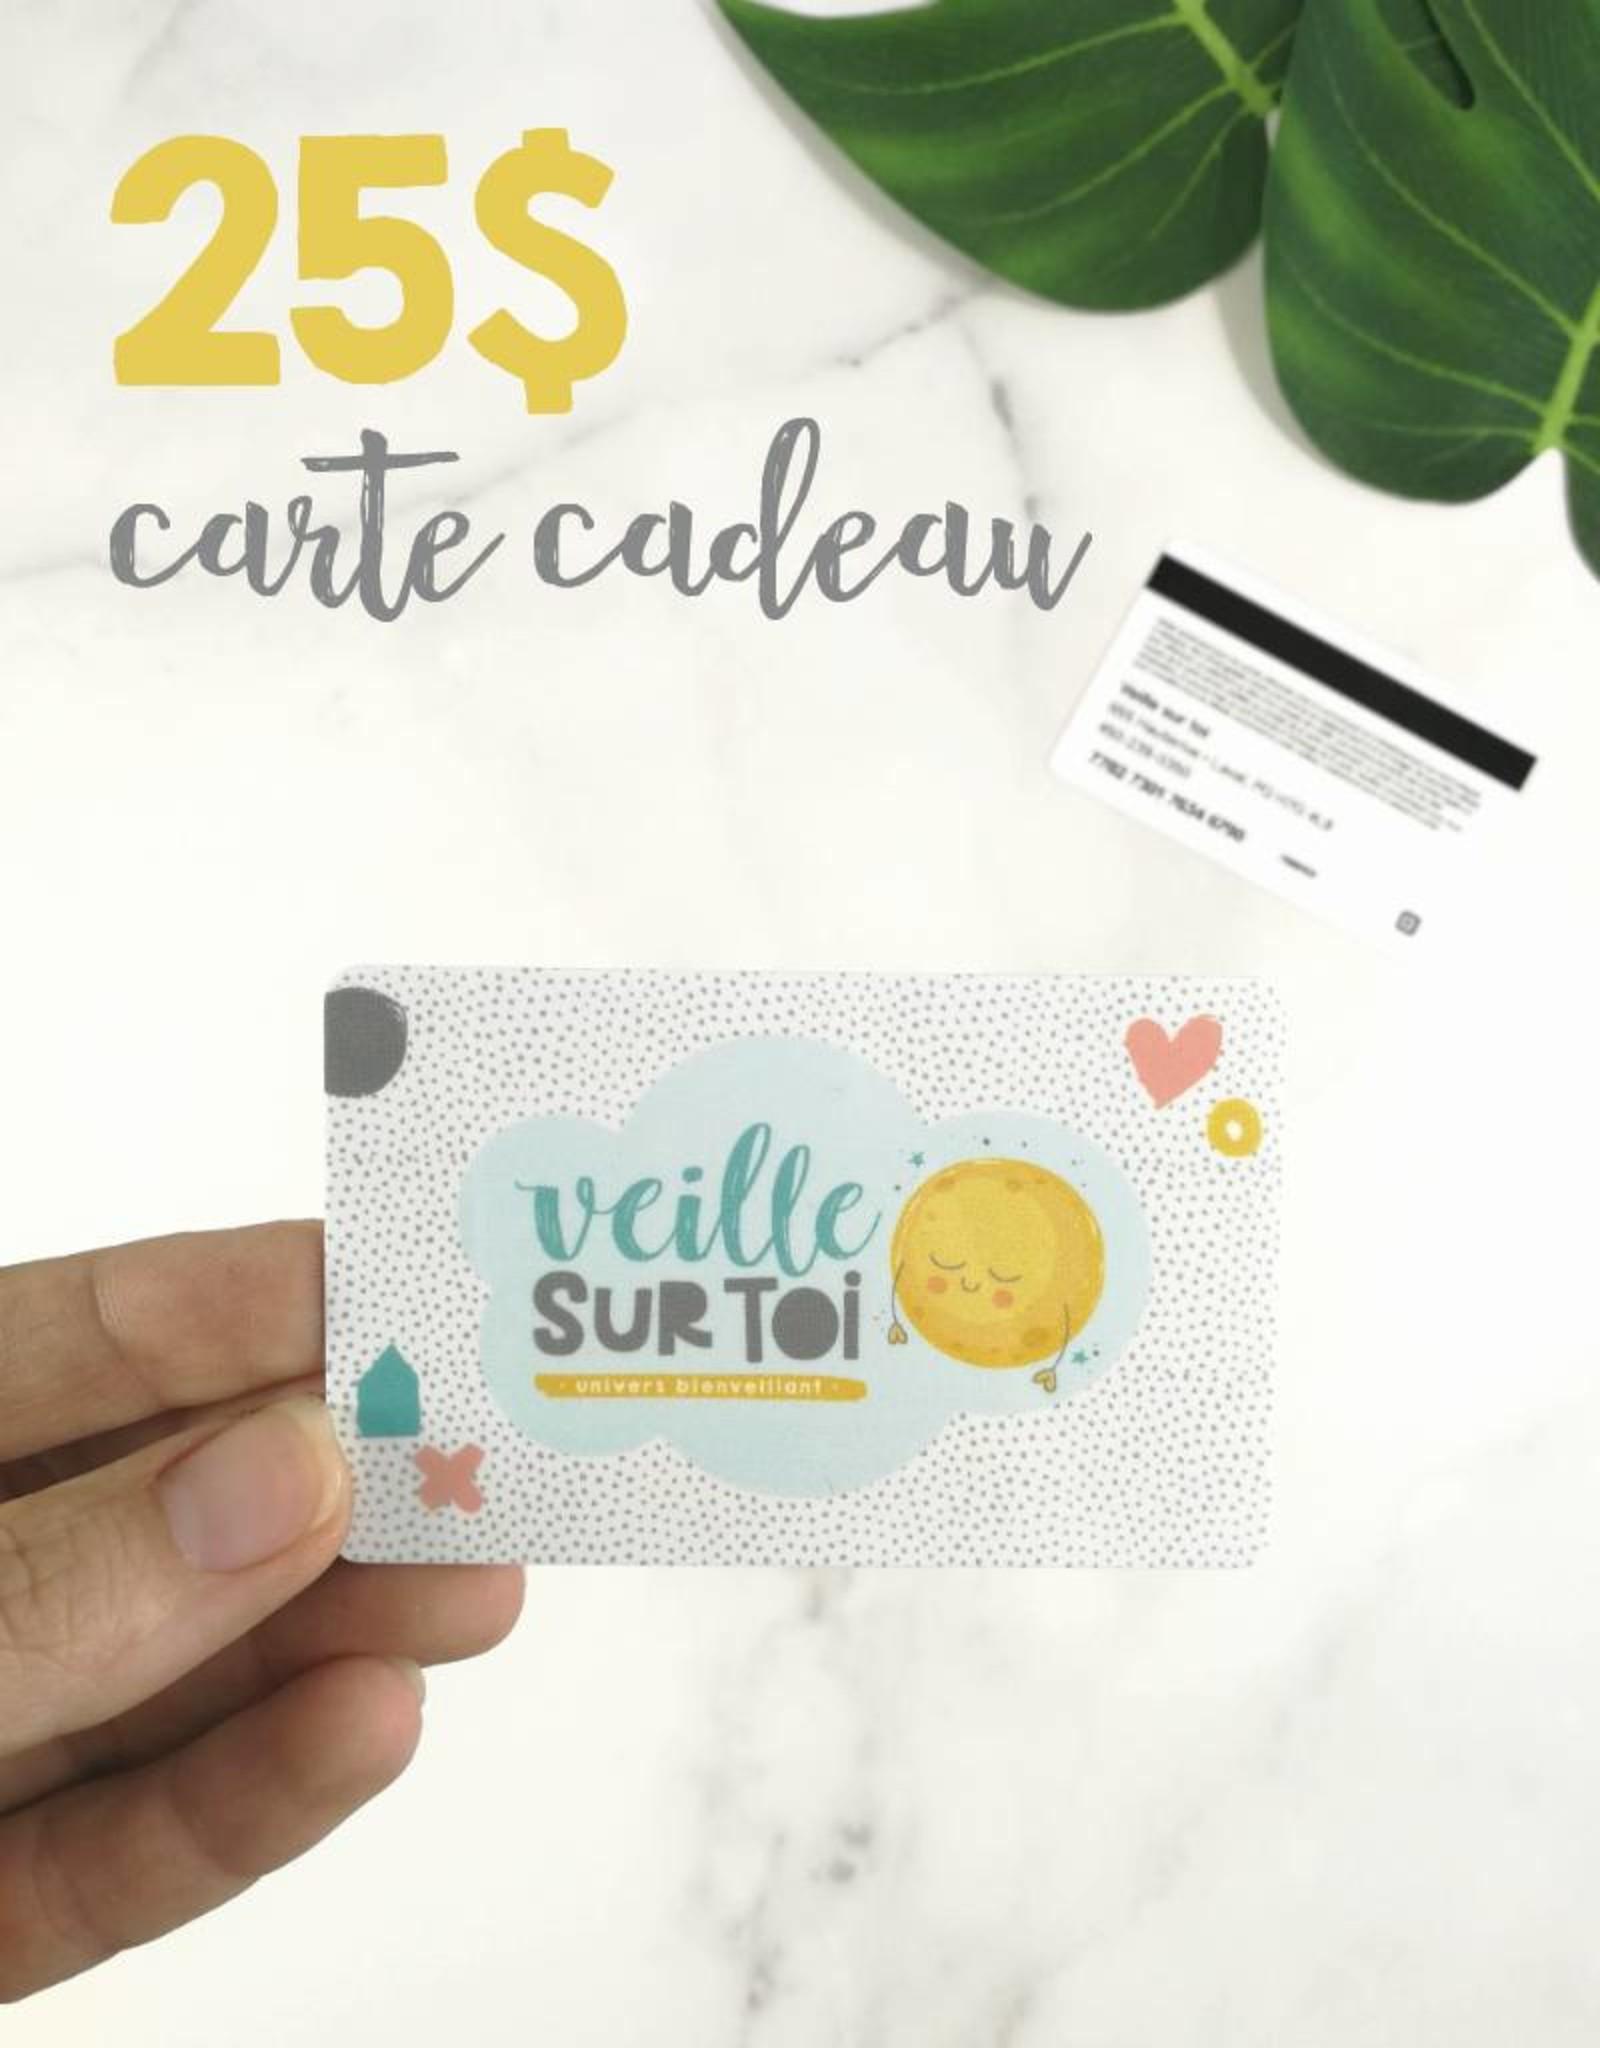 Veille sur toi Carte cadeau - 25$